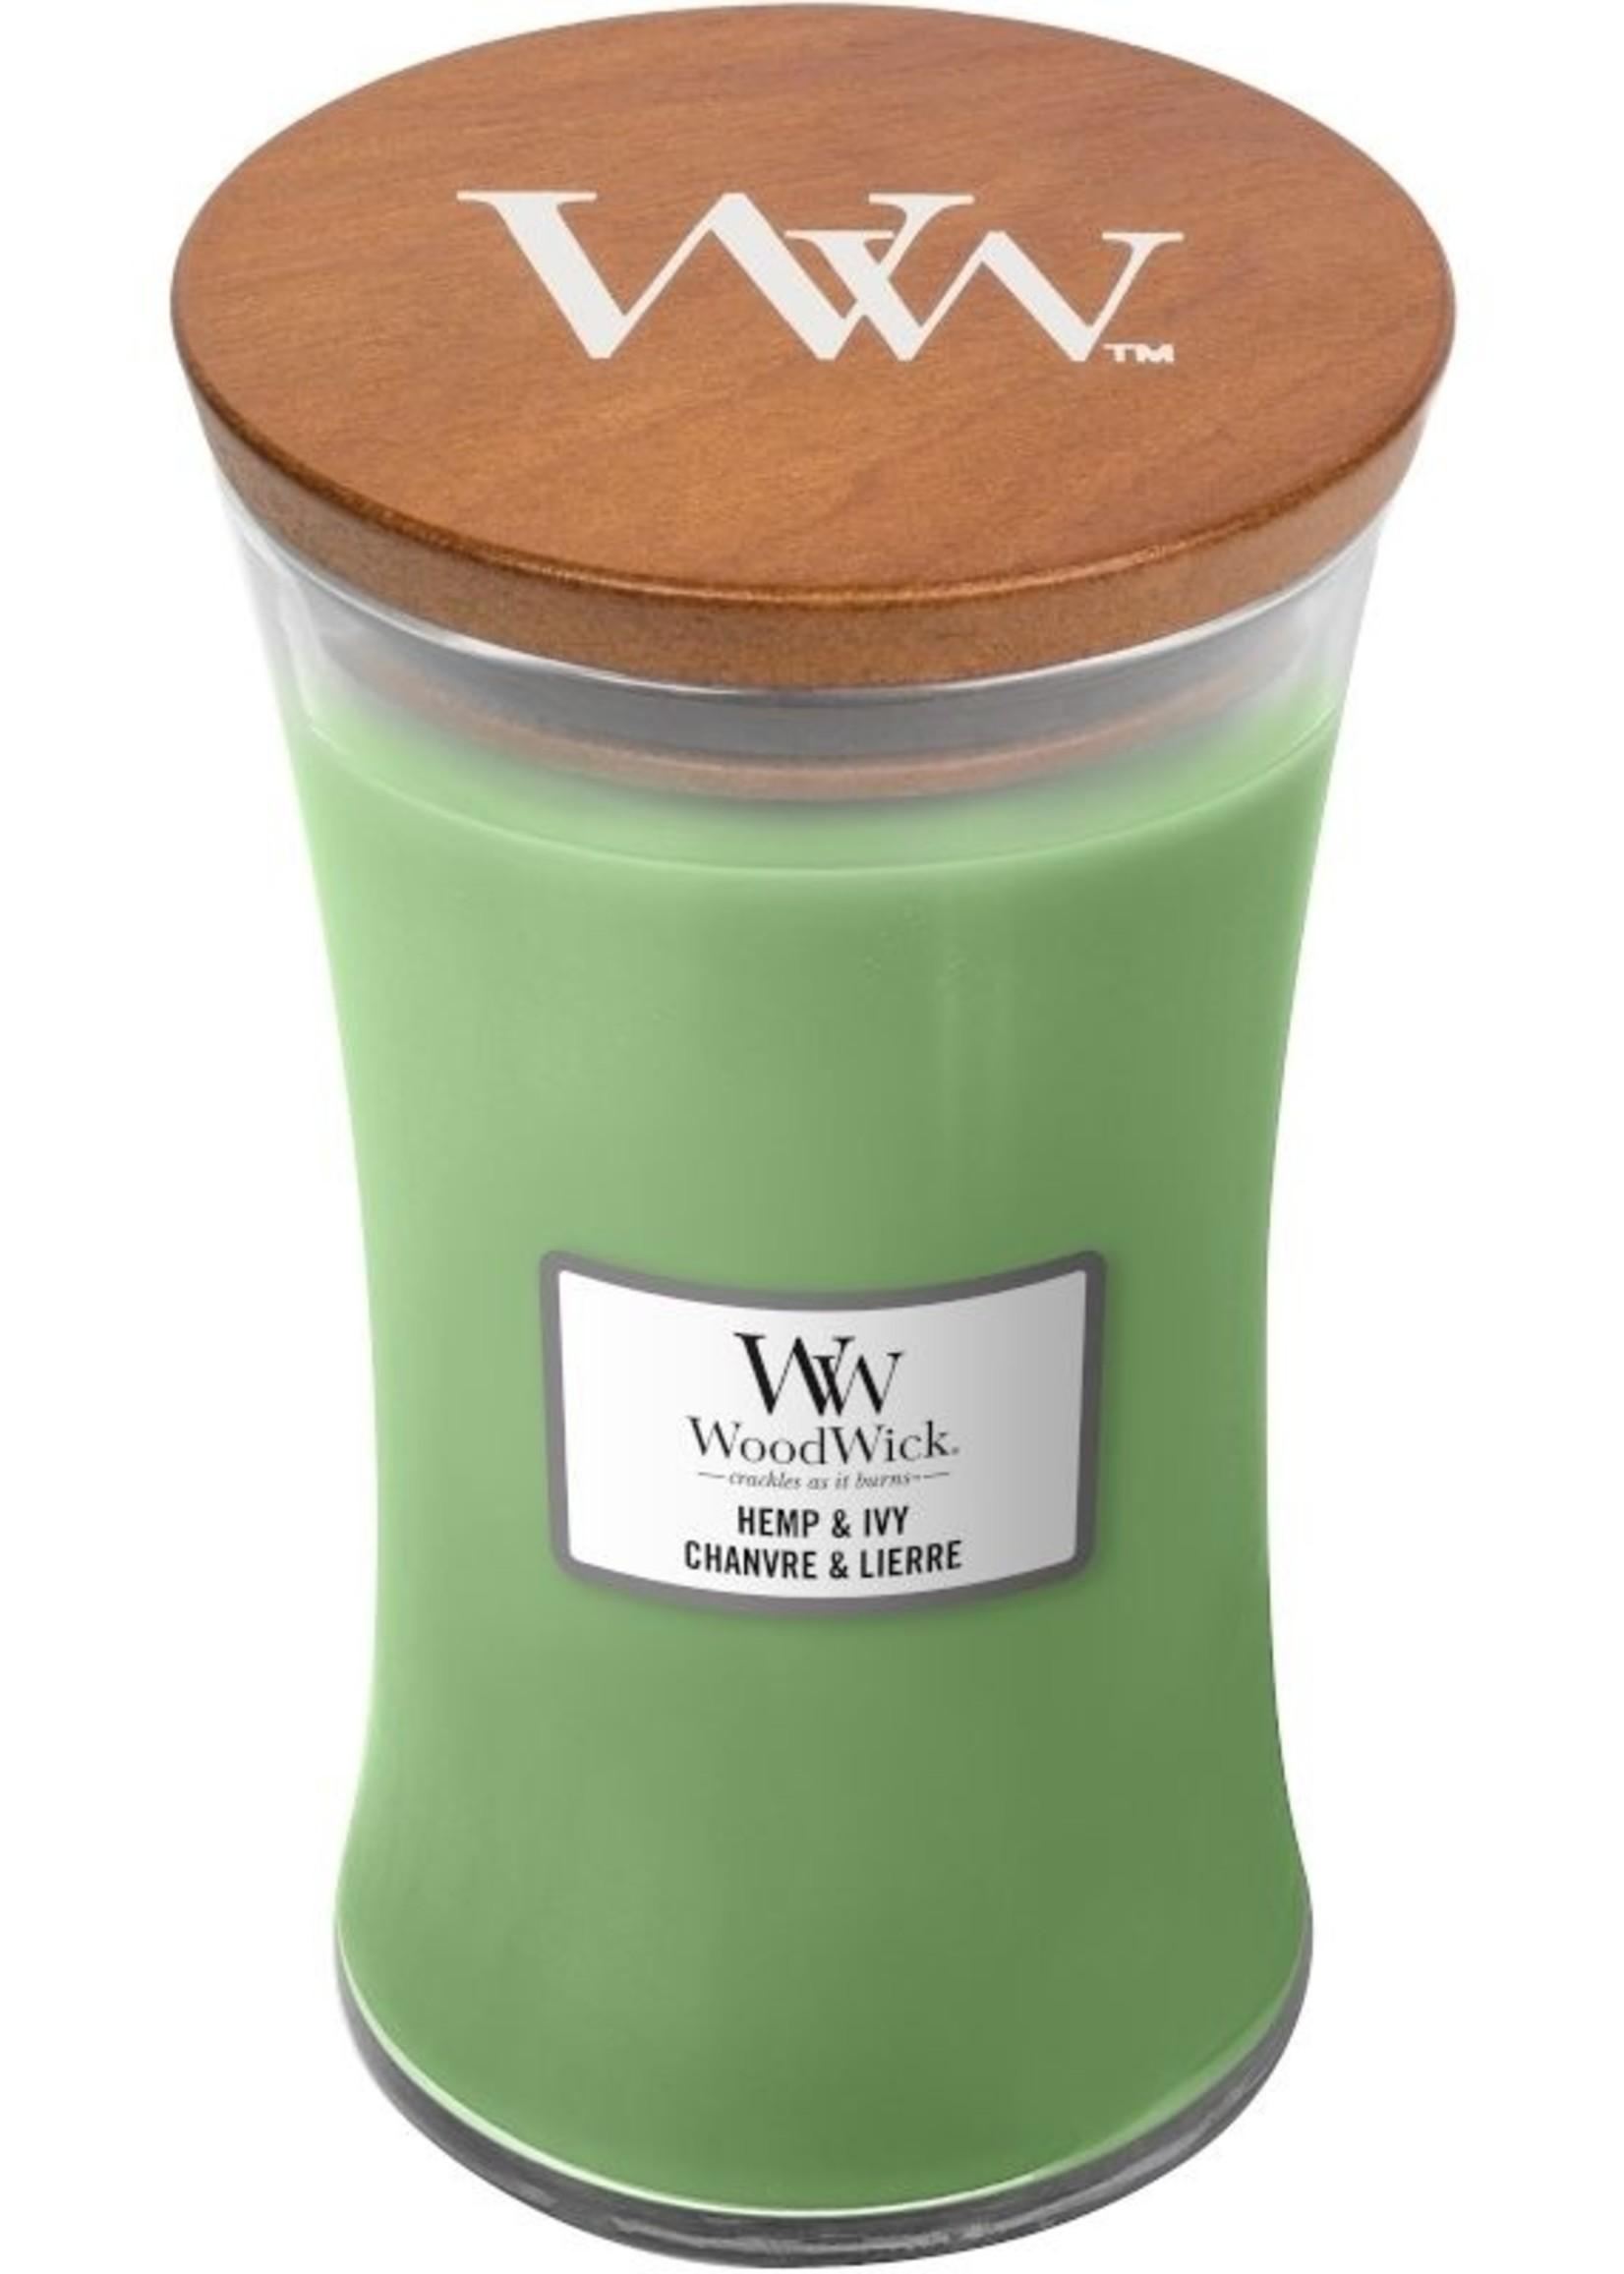 Woodwick Woodwick Hemp & Ivy Large Candle